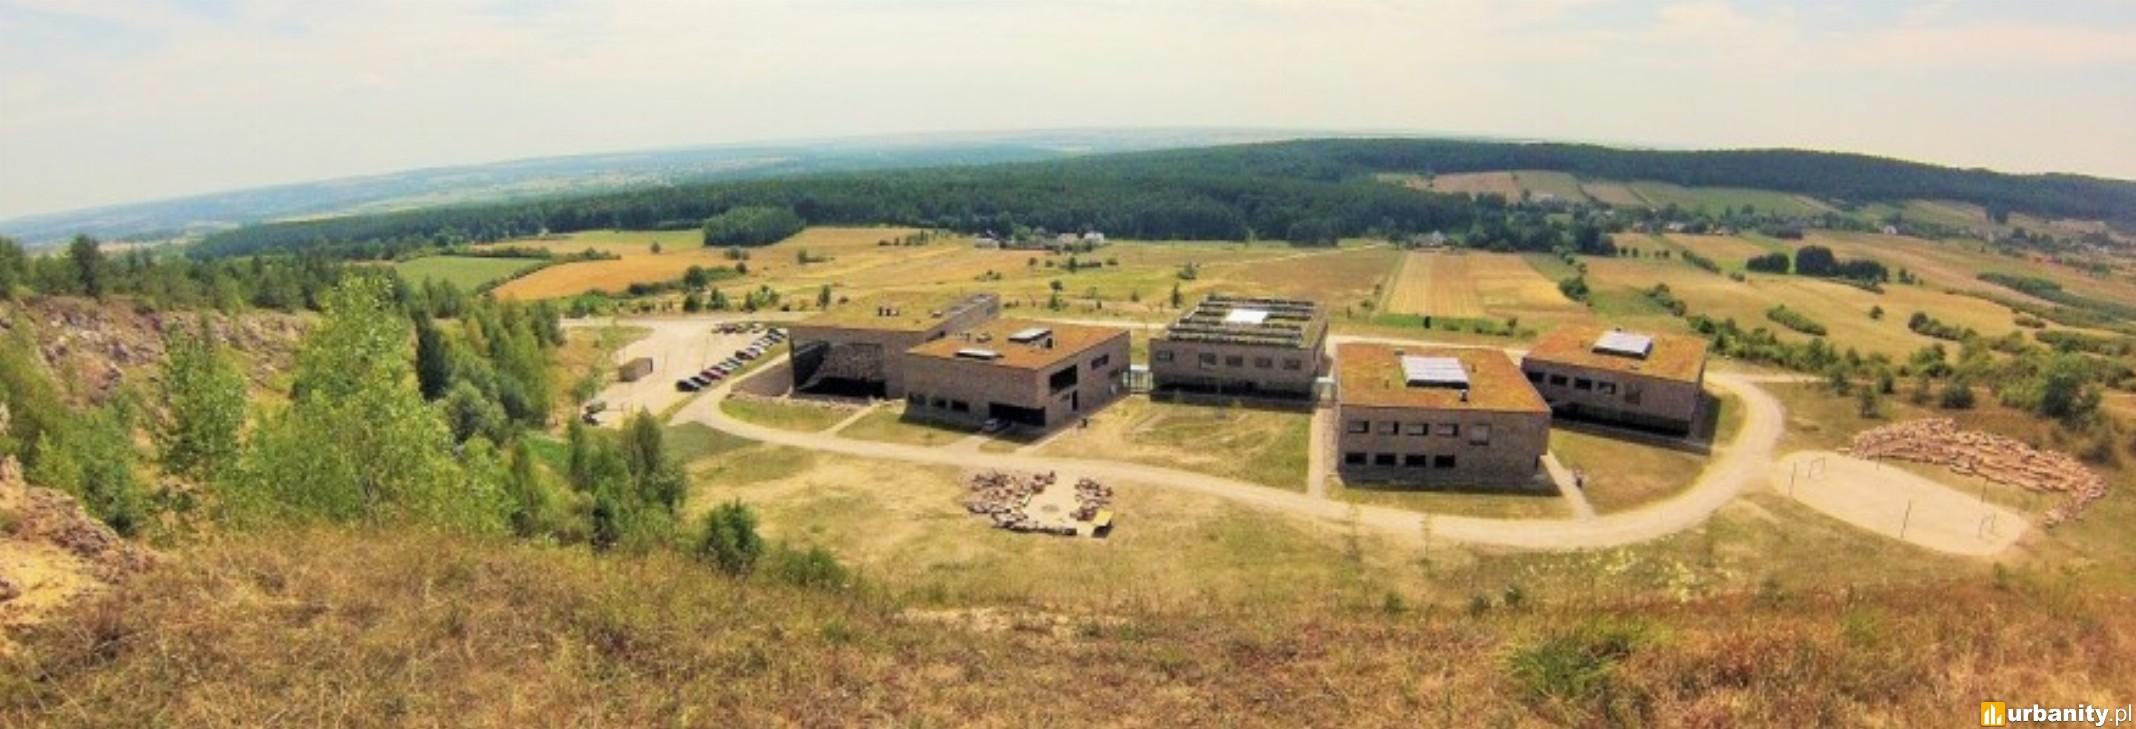 Zakończyła się budowa Europejskiego Centrum Edukacji Geologicznej